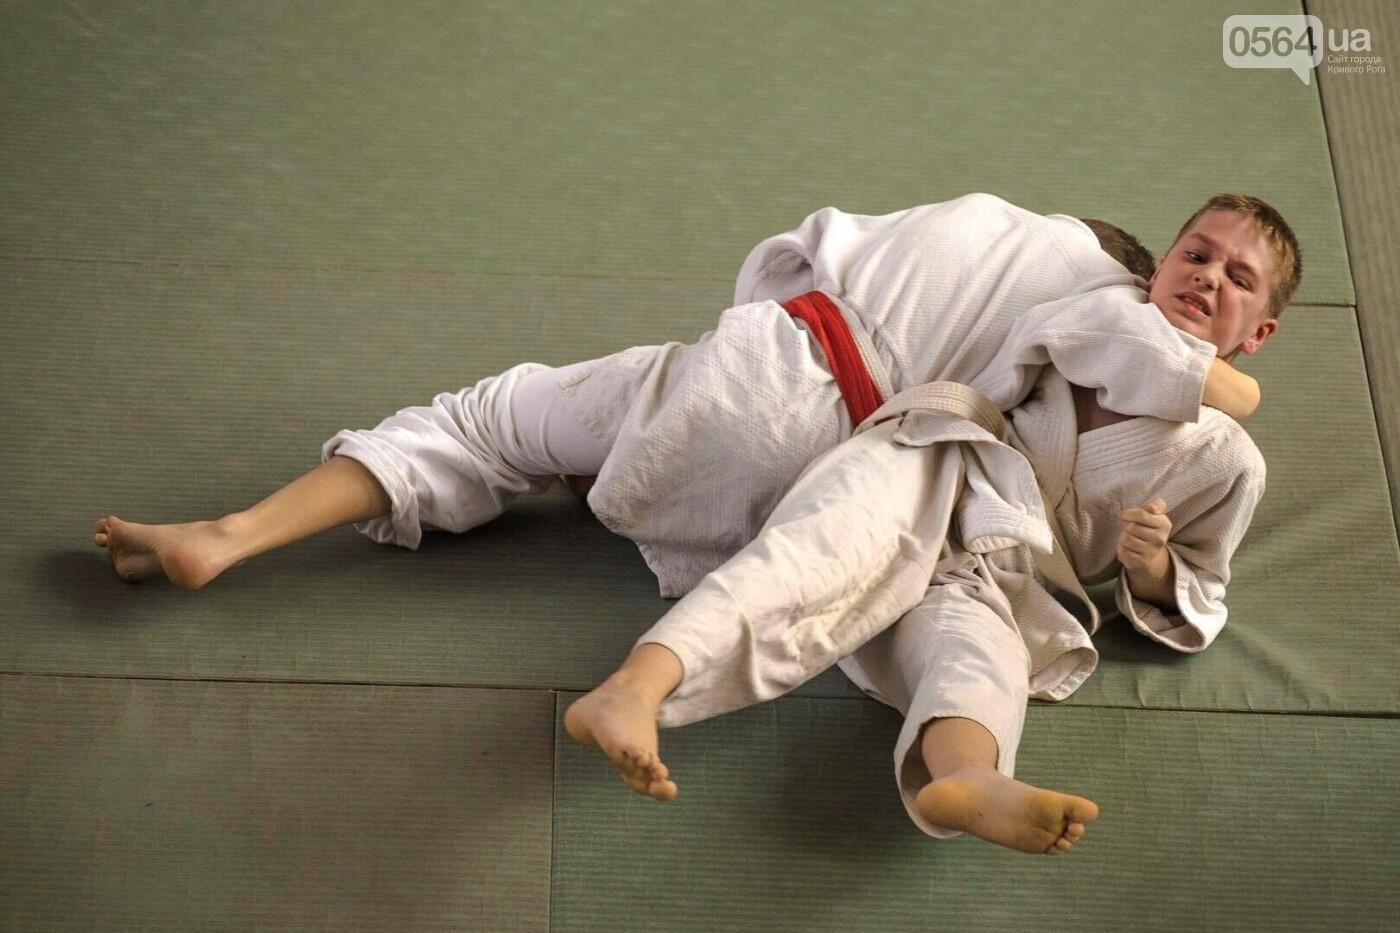 Юные дзюдоисты Кривого Рога успешно выступили на Новогоднем турнире (ФОТО), фото-6